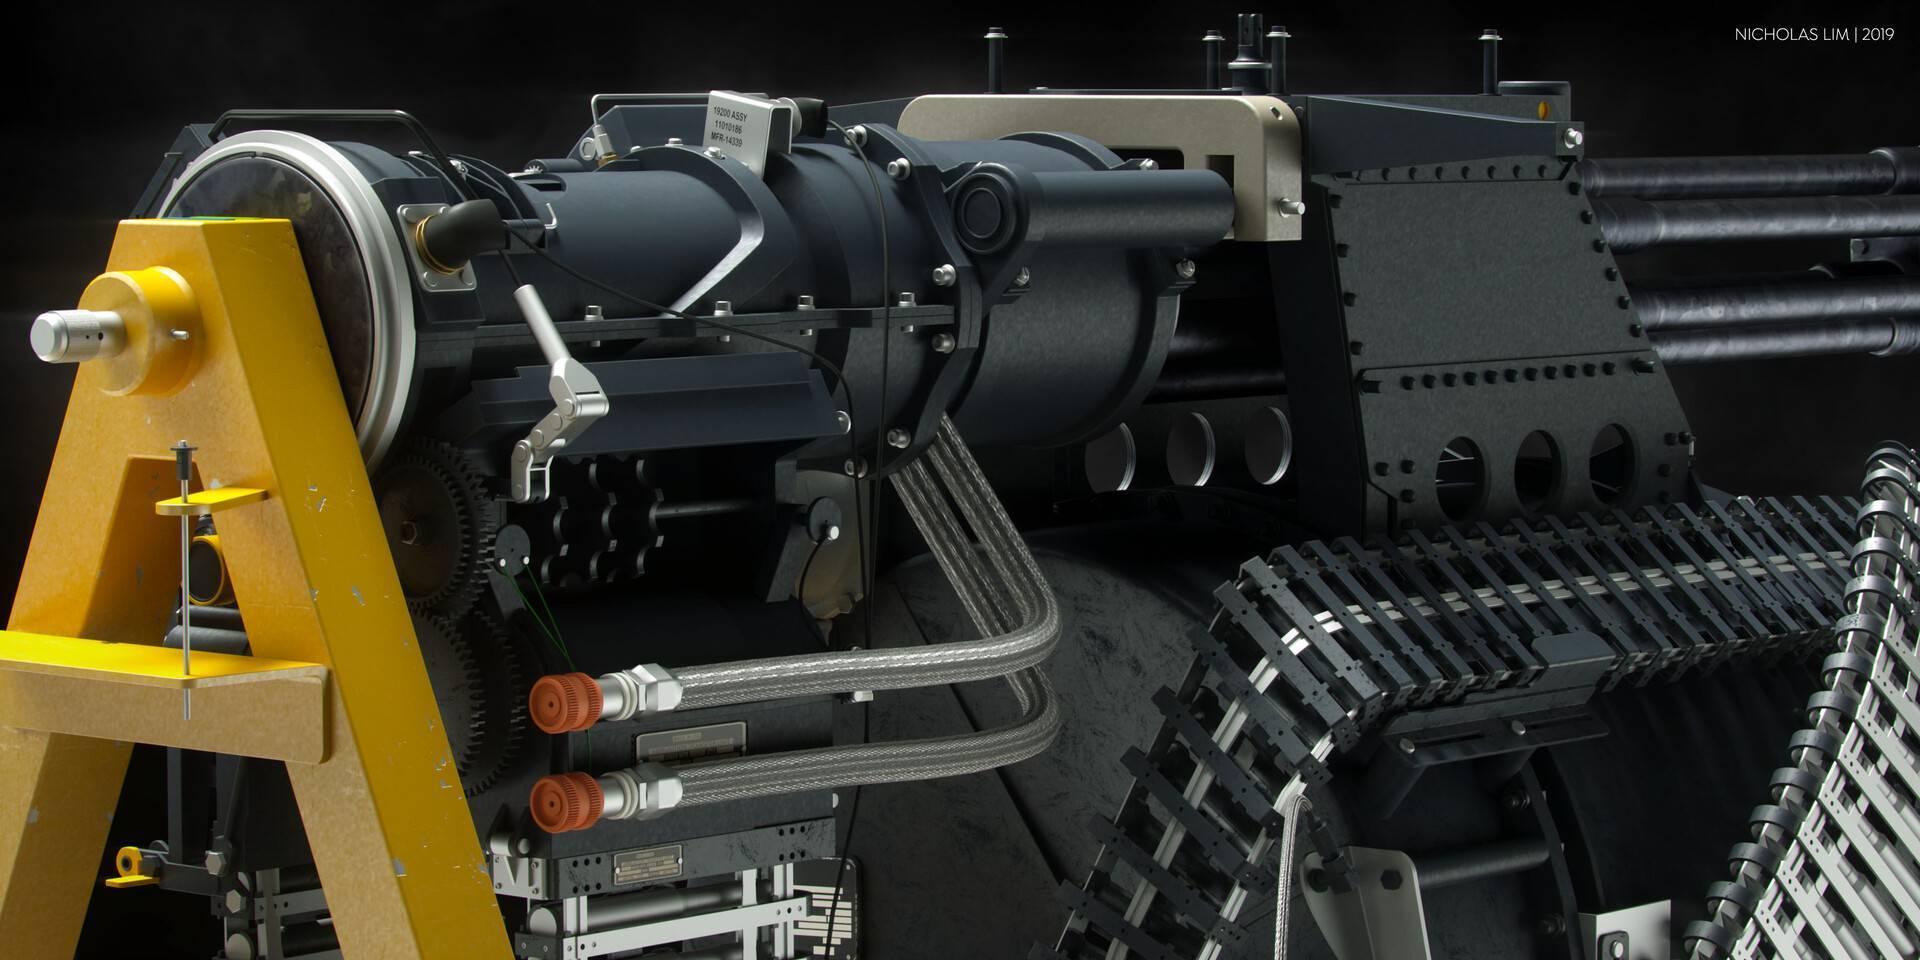 Пулемет «вулкан» – электропривод и шесть смертоносных стволов. авиационная пушка m61 vulcan – второе рождение системы гатлинга авиационная пушка вулкан